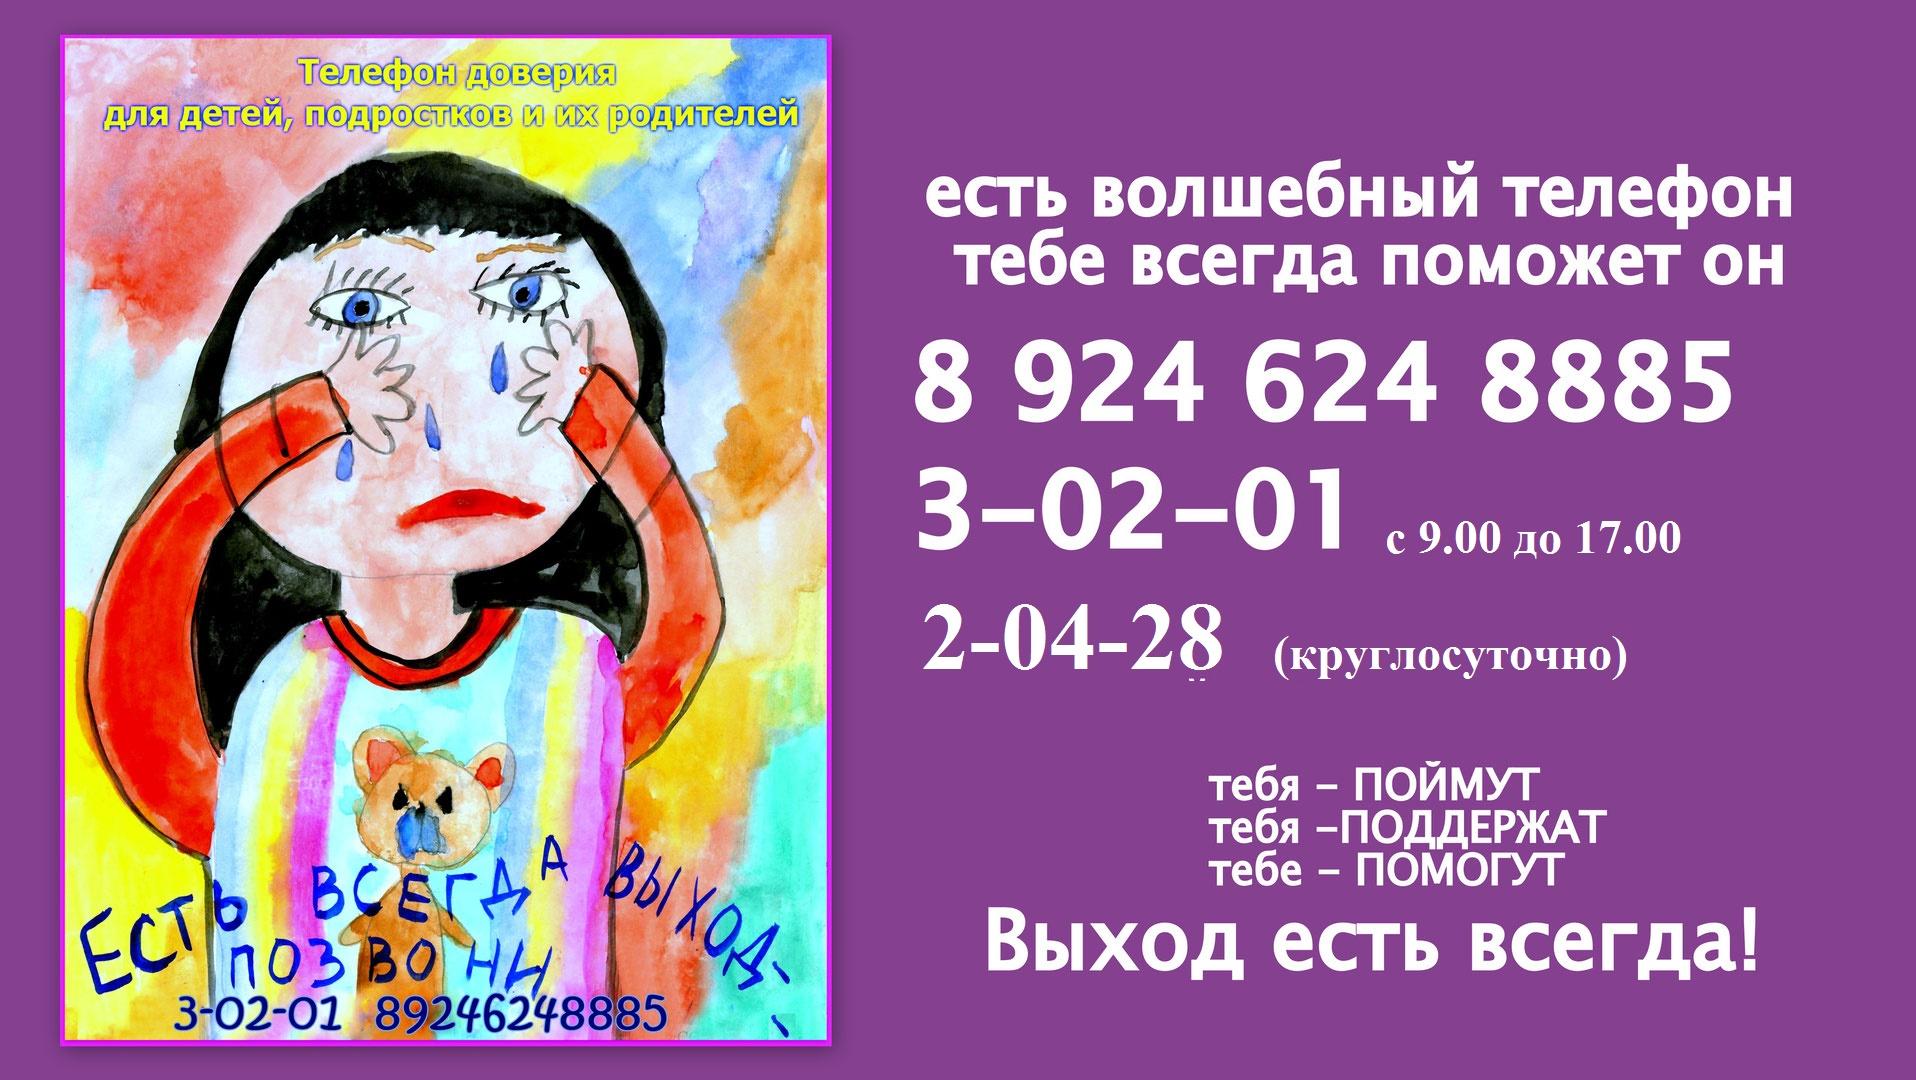 3-02-01 (09.00-17.00) и 2-04-28 (круглосуточно)